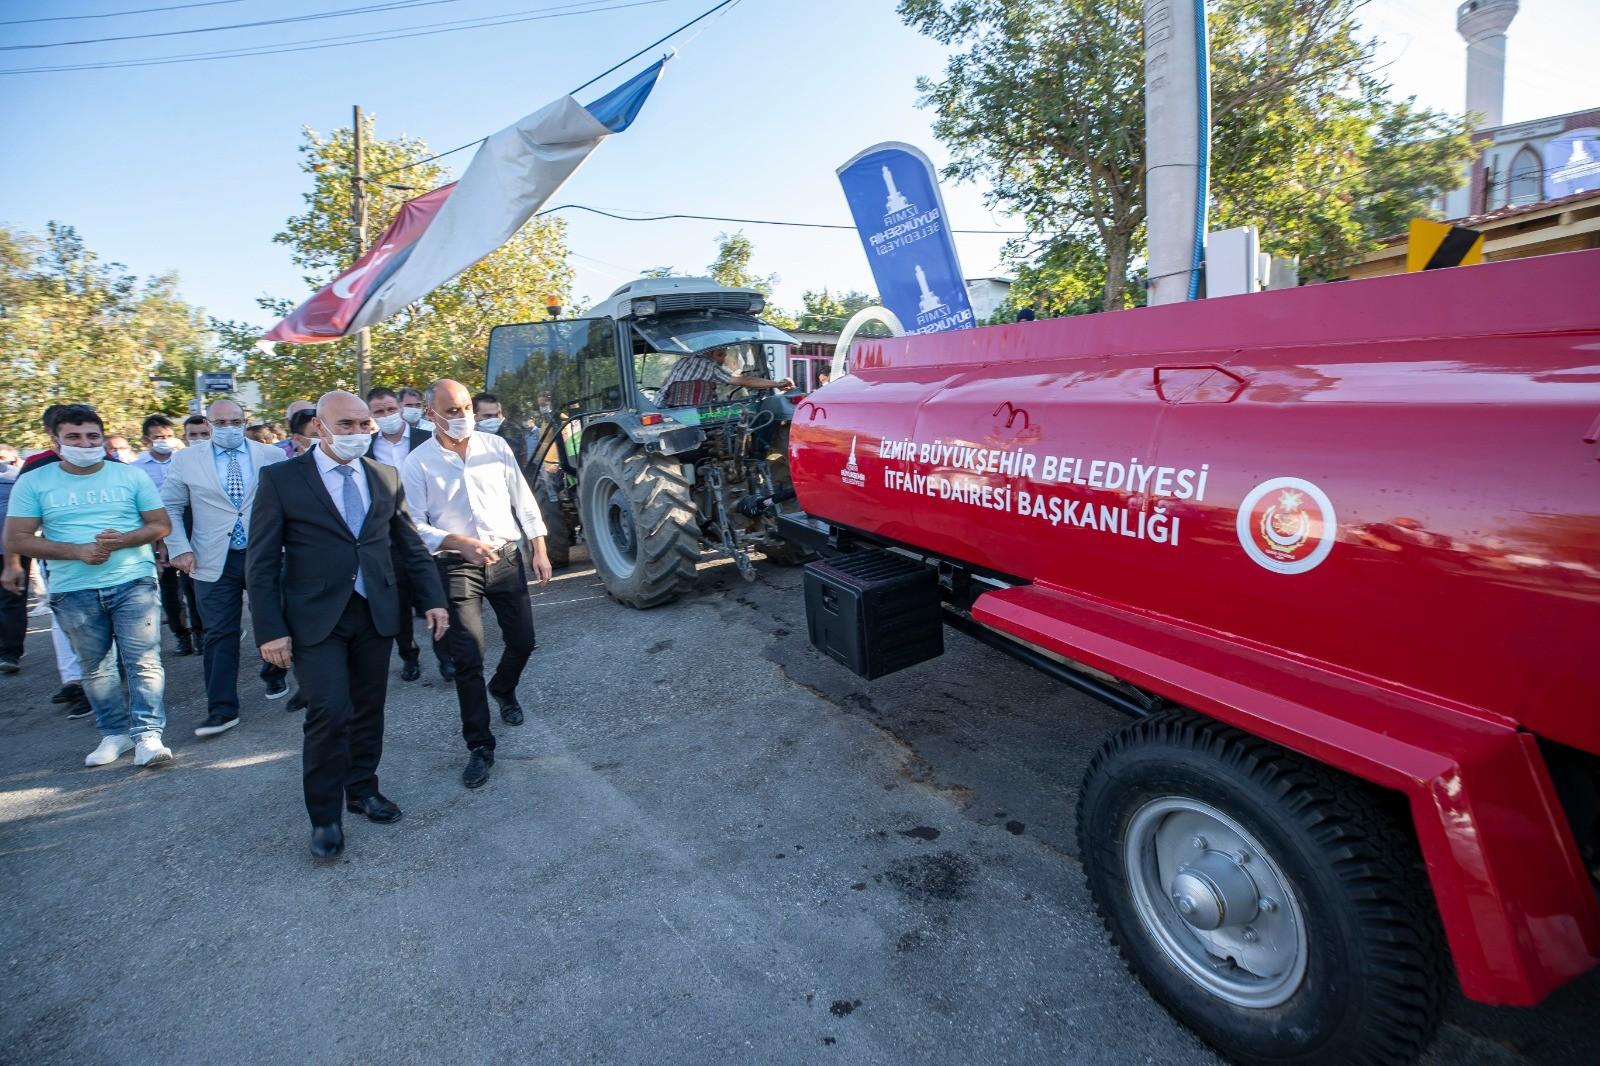 İzmirde Orman Köylülerine Yangın Tankerlerinin Dağıtımı Başladı